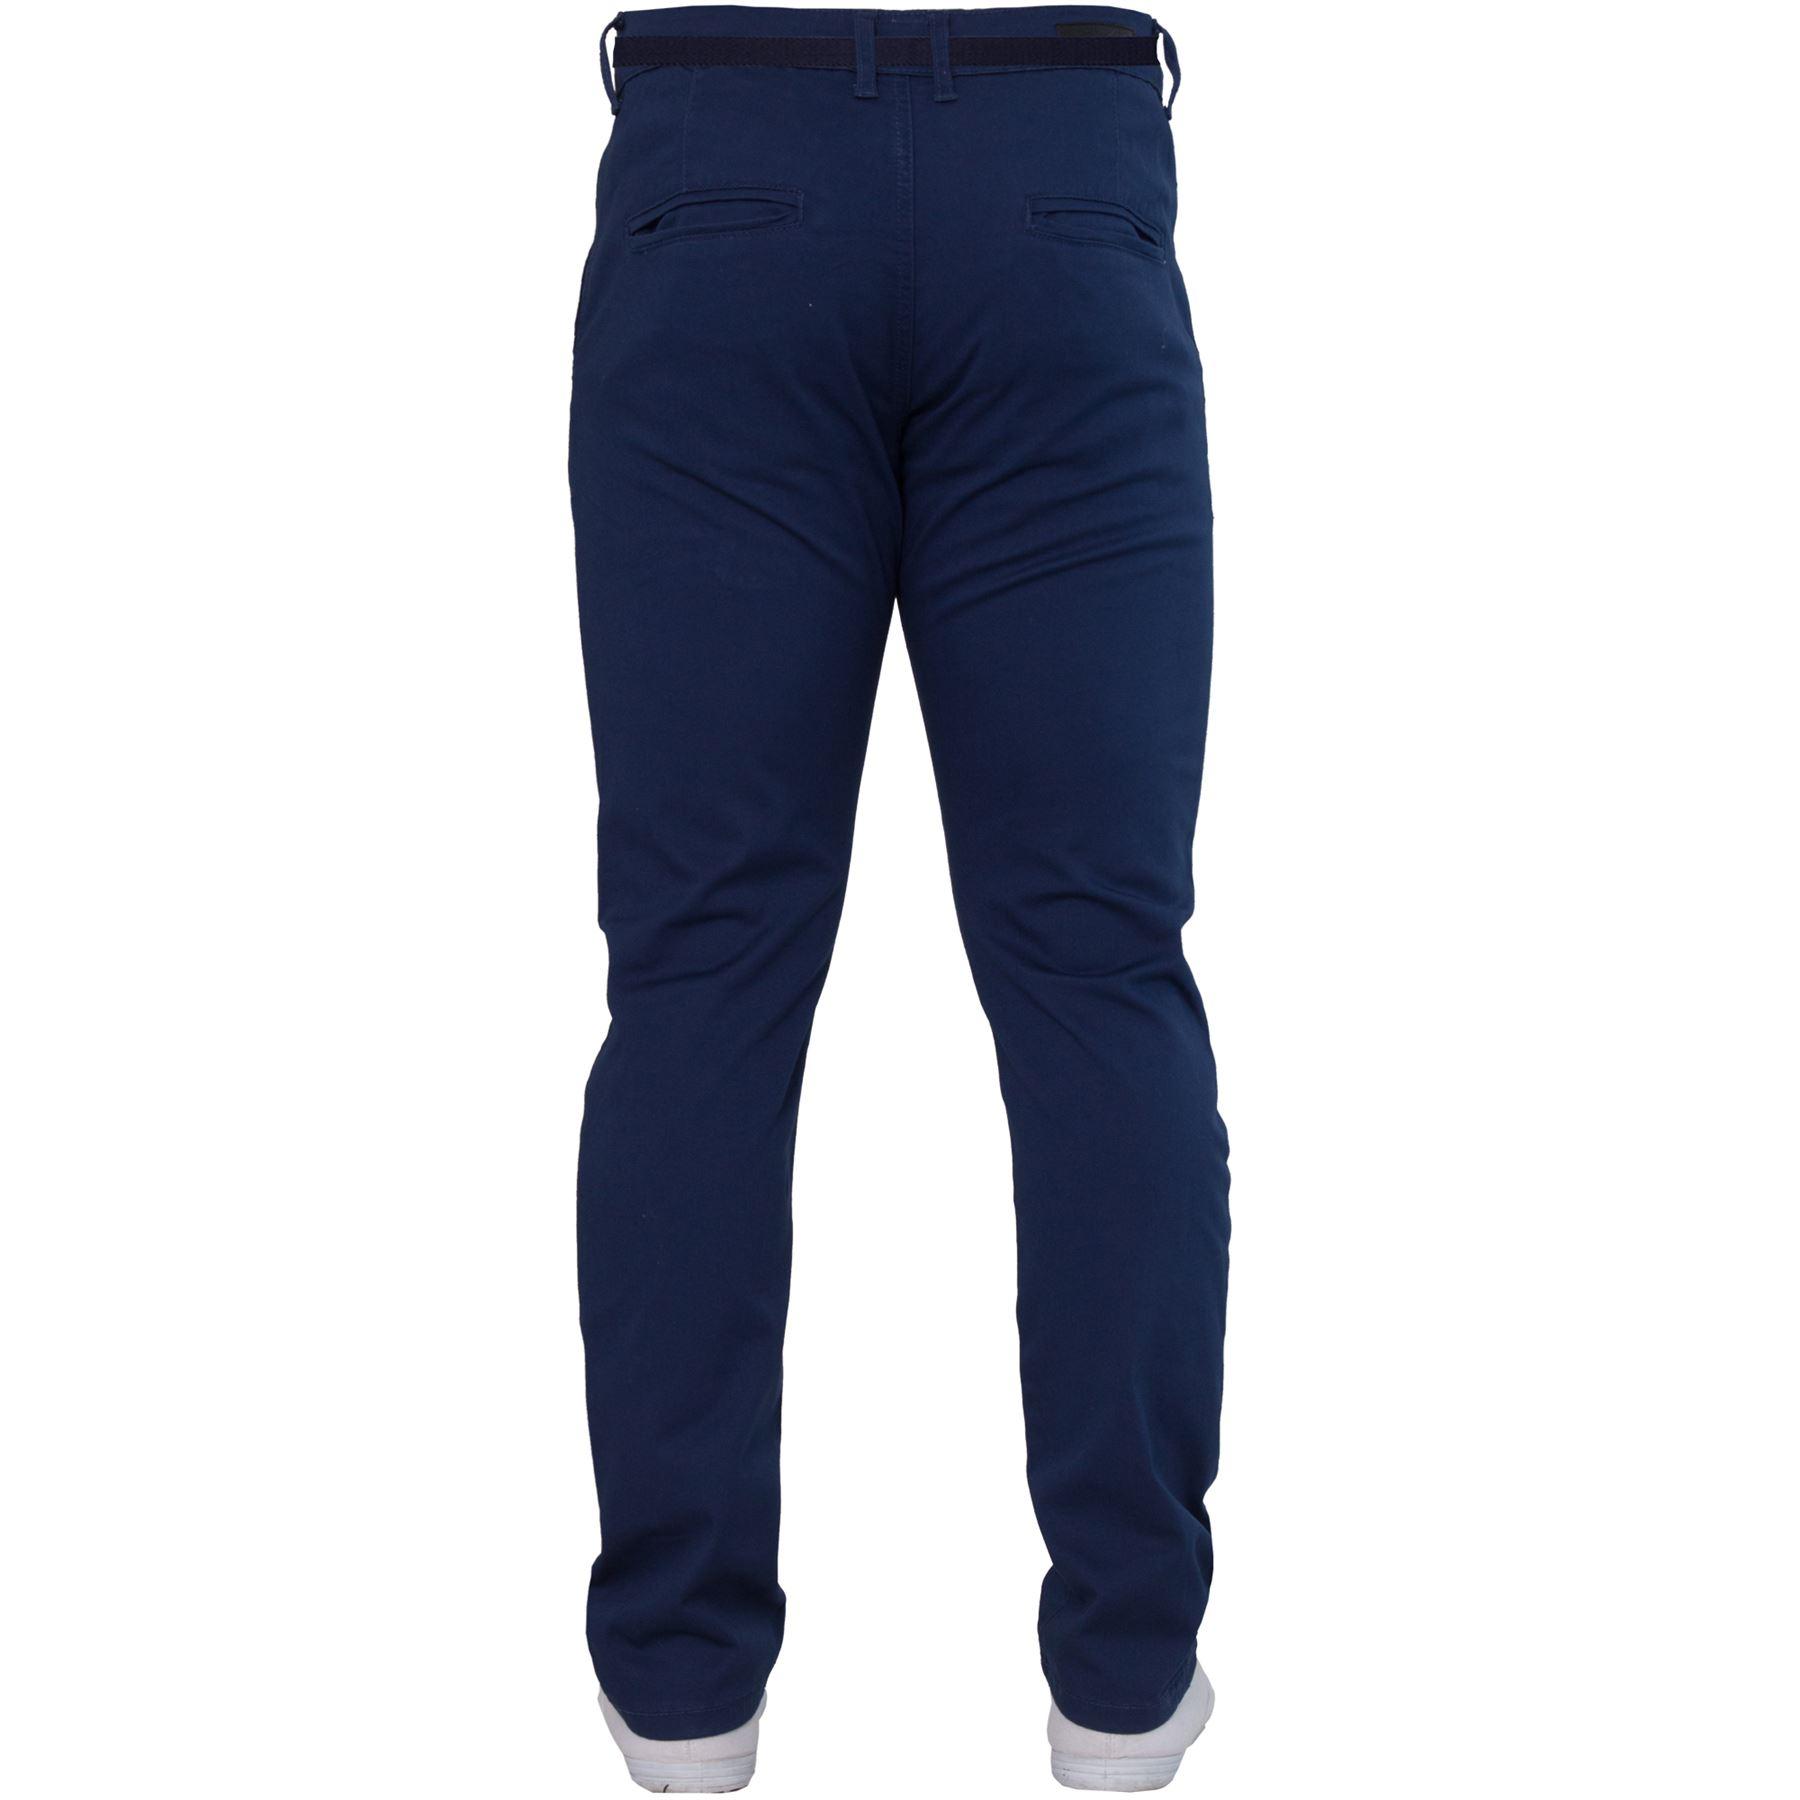 ENZO-Para-Hombres-Pantalones-Slim-Fit-Algodon-Elastico-Pantalones-Chinos-Con-Cinturon-BIG-amp-TALL miniatura 7